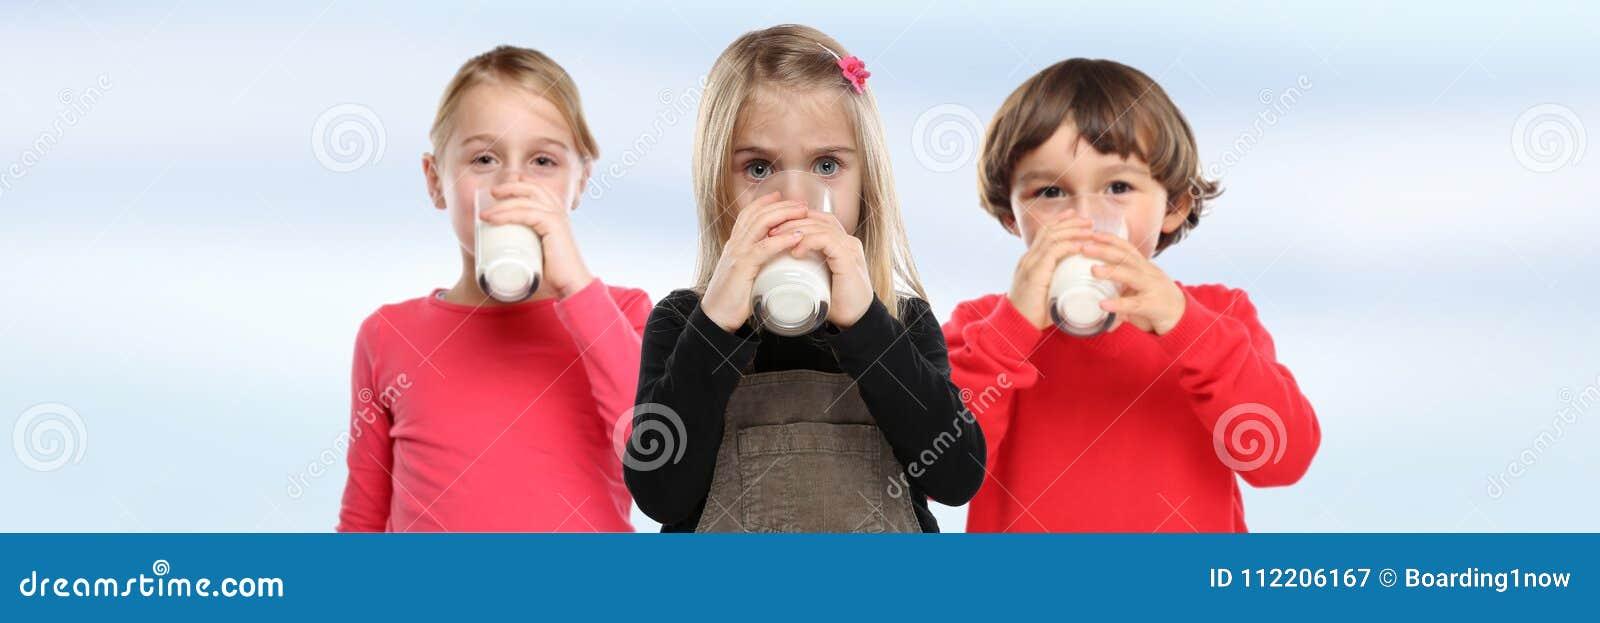 Children girl boy drinking milk kids glass banner copyspace heal